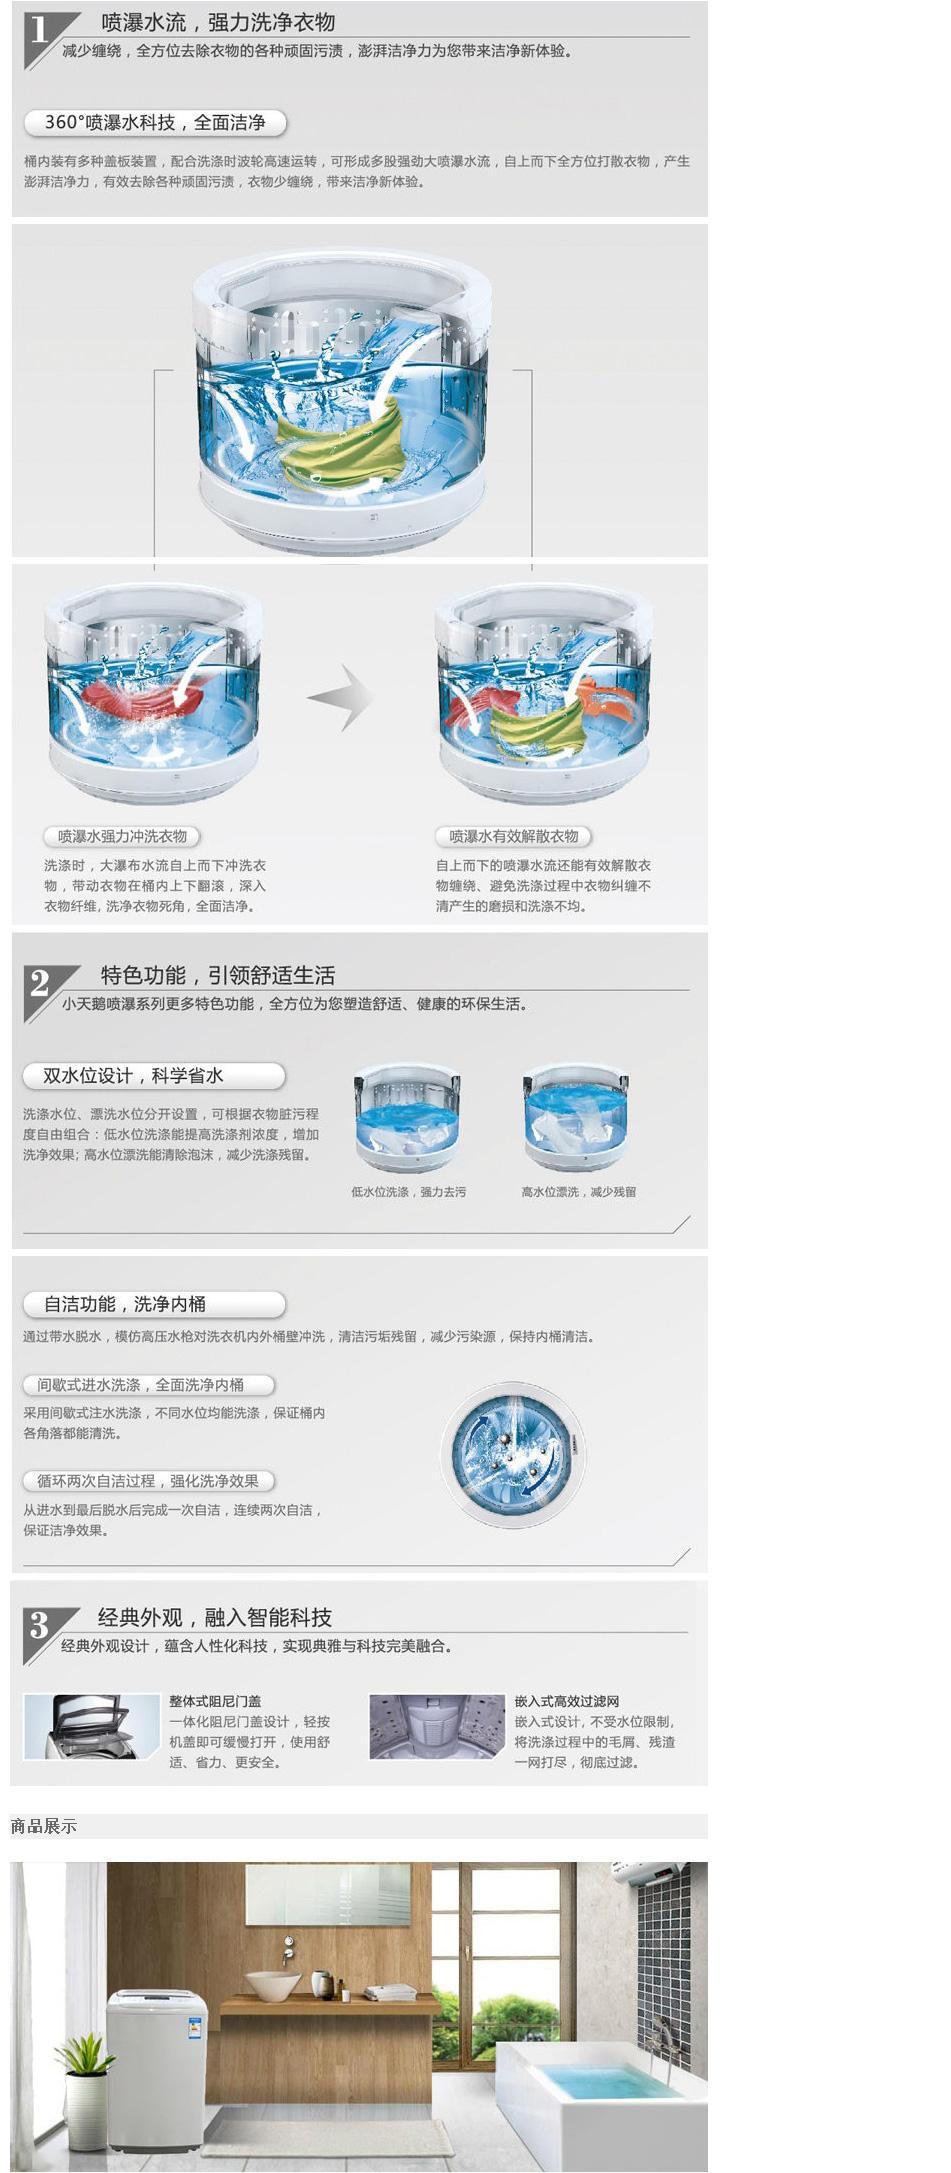 小天鹅6公斤波轮洗衣机tb60-2188g(h)